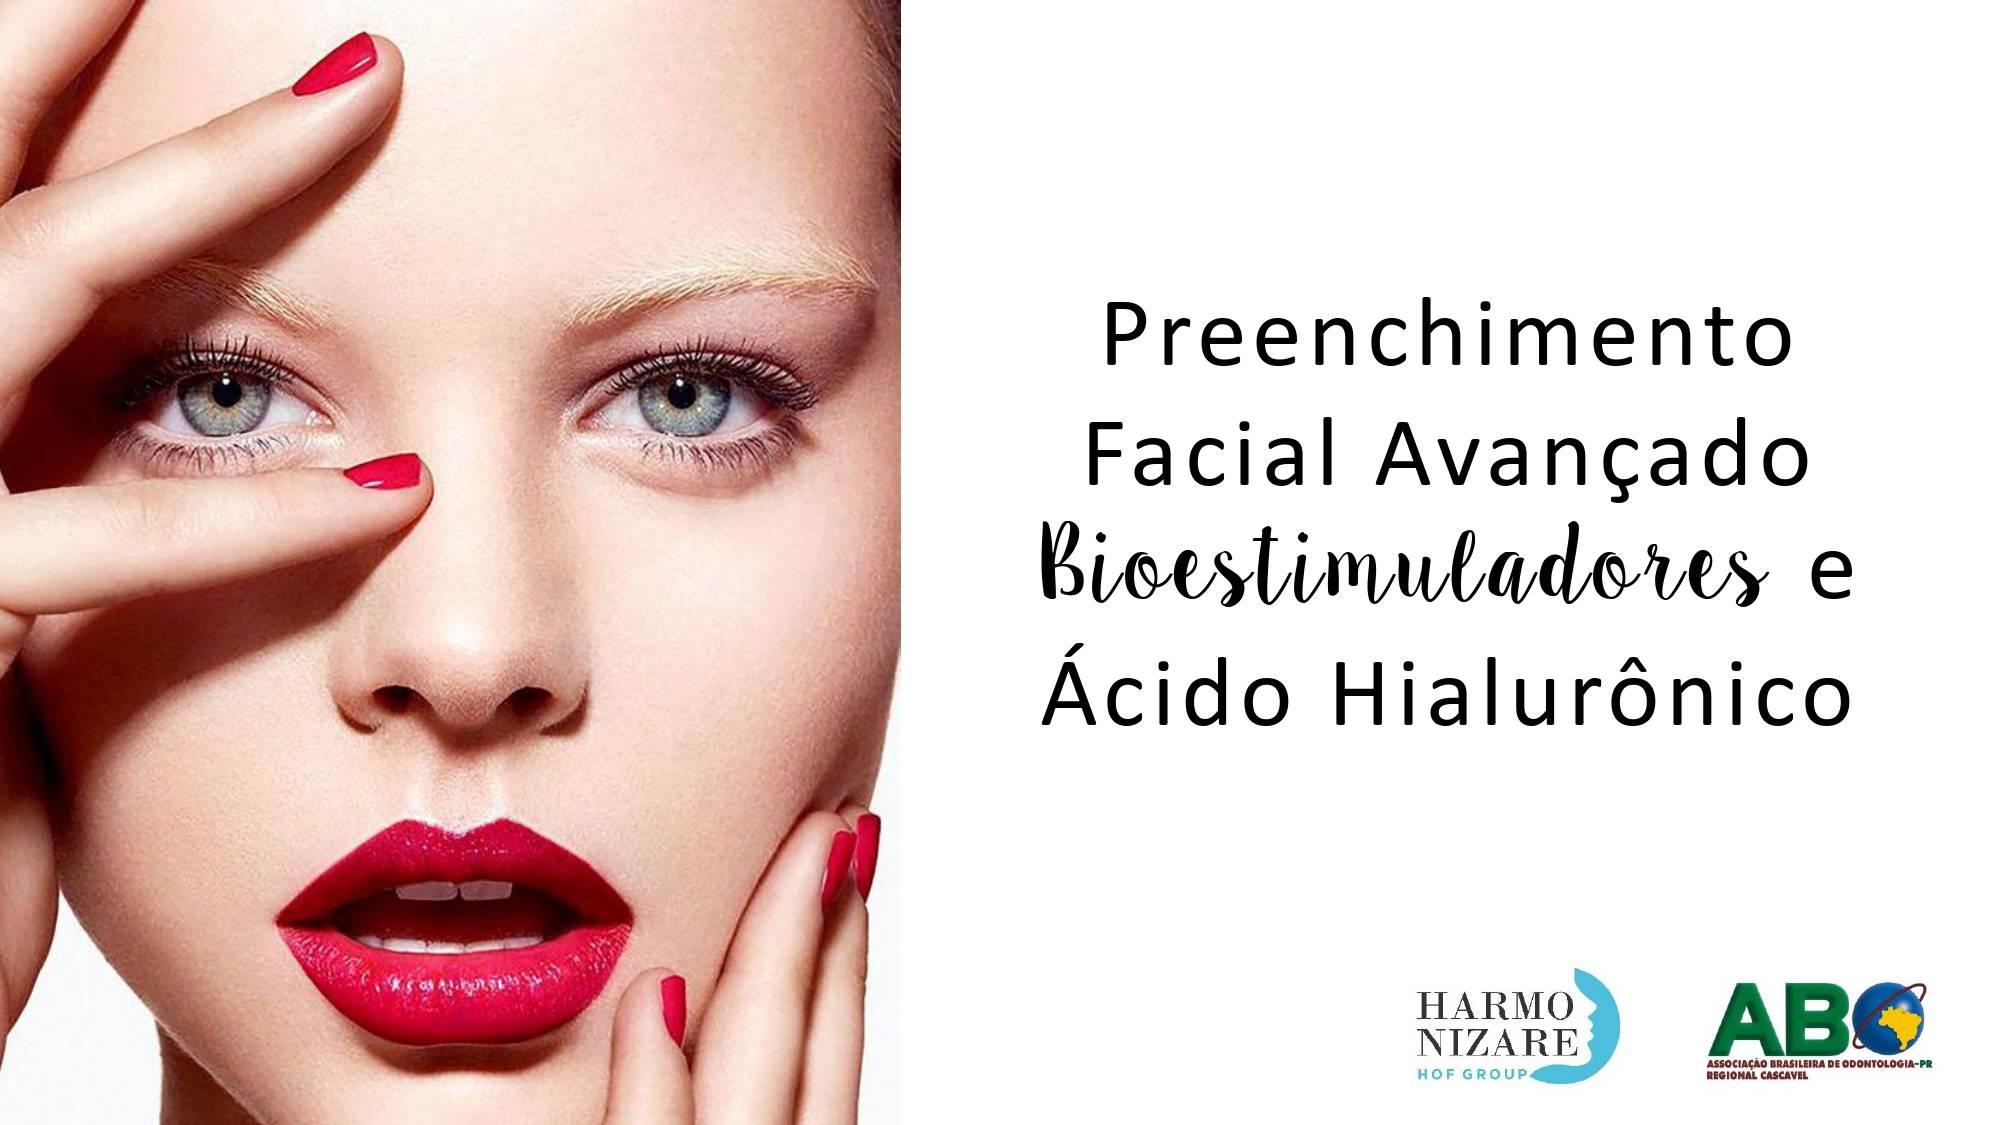 Preenchimento Facial Avançado com Bioestimuladores e Ácido Hialurônico